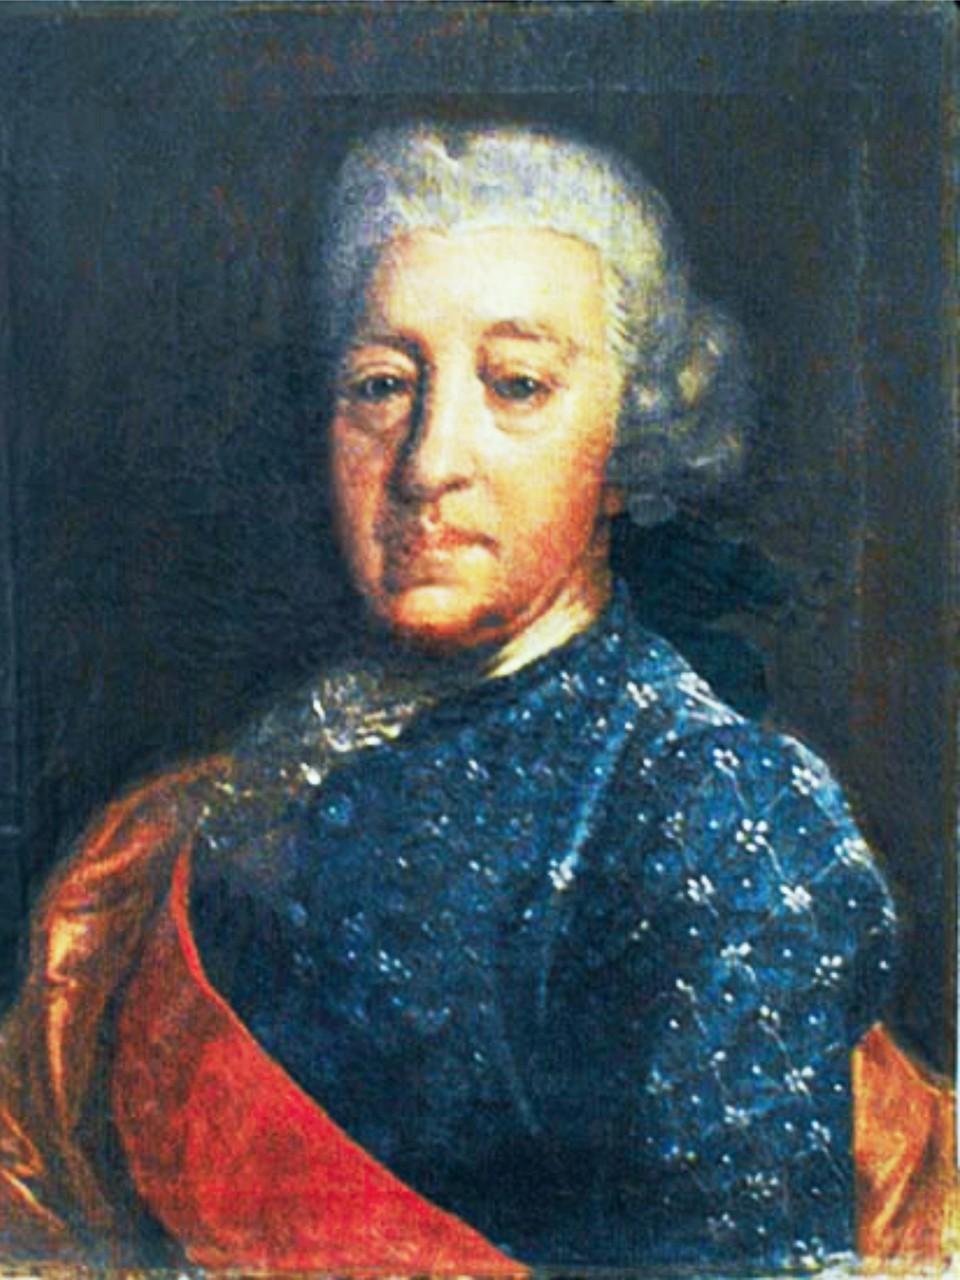 Василий Иванович Стрешнев (1707-1782), брат Марфы Остерман